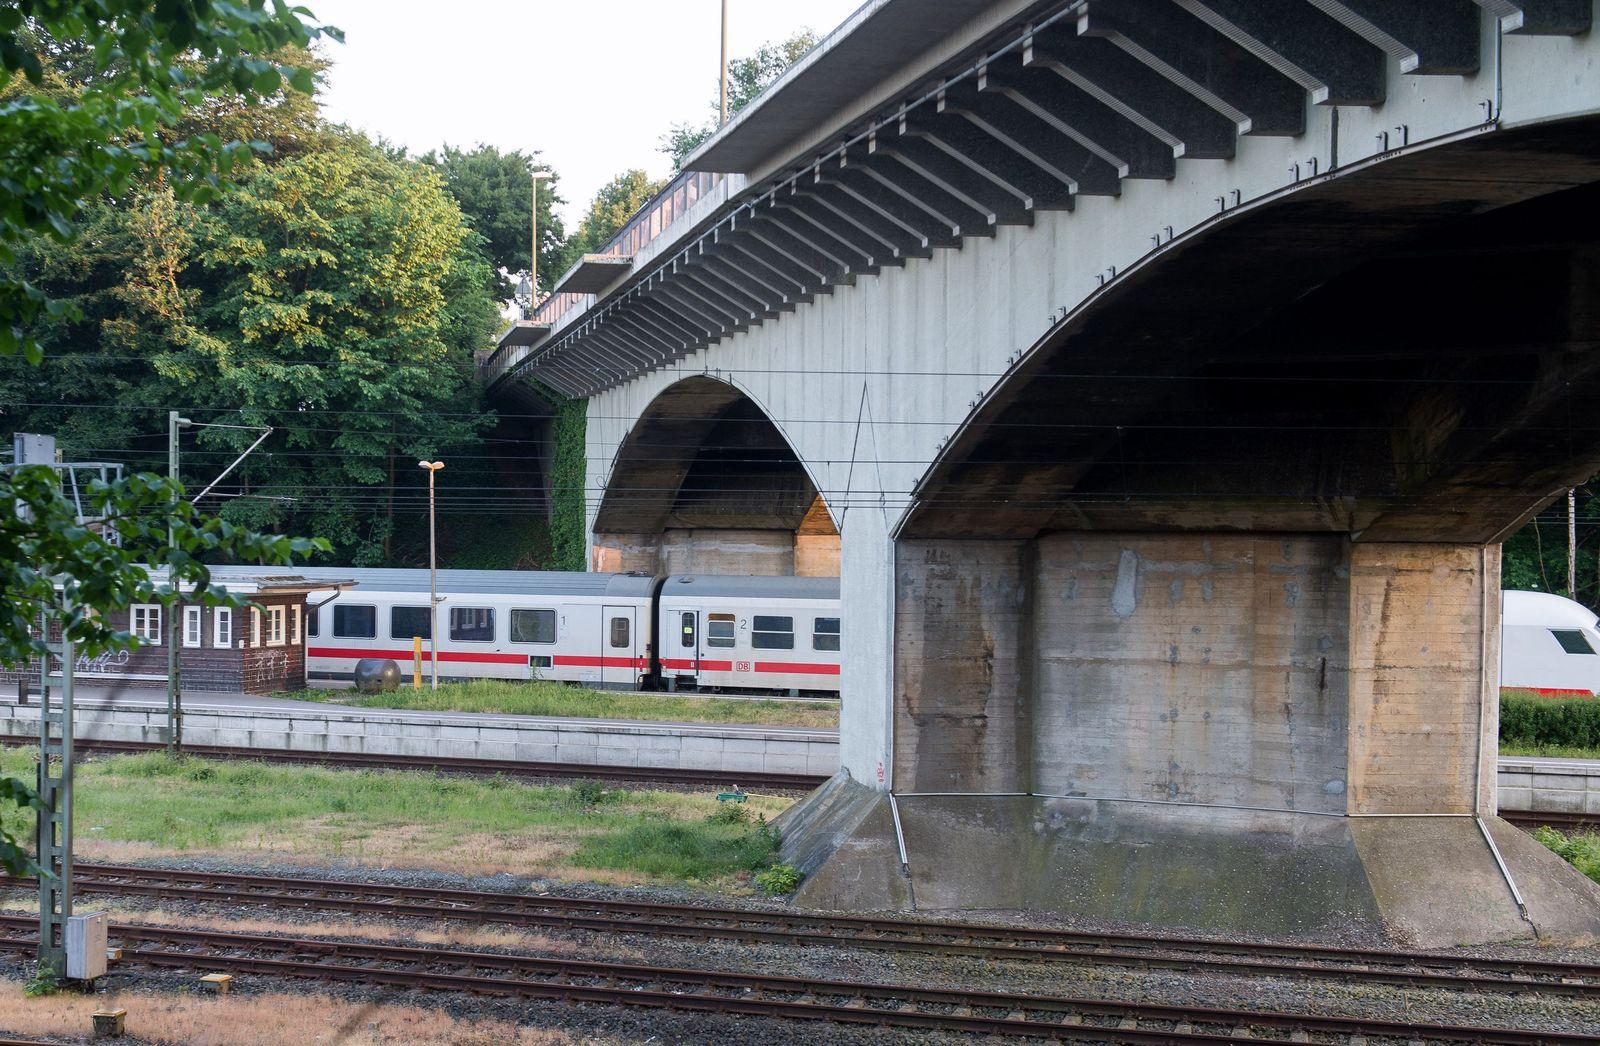 Messerangriff in Zug in Flensburg